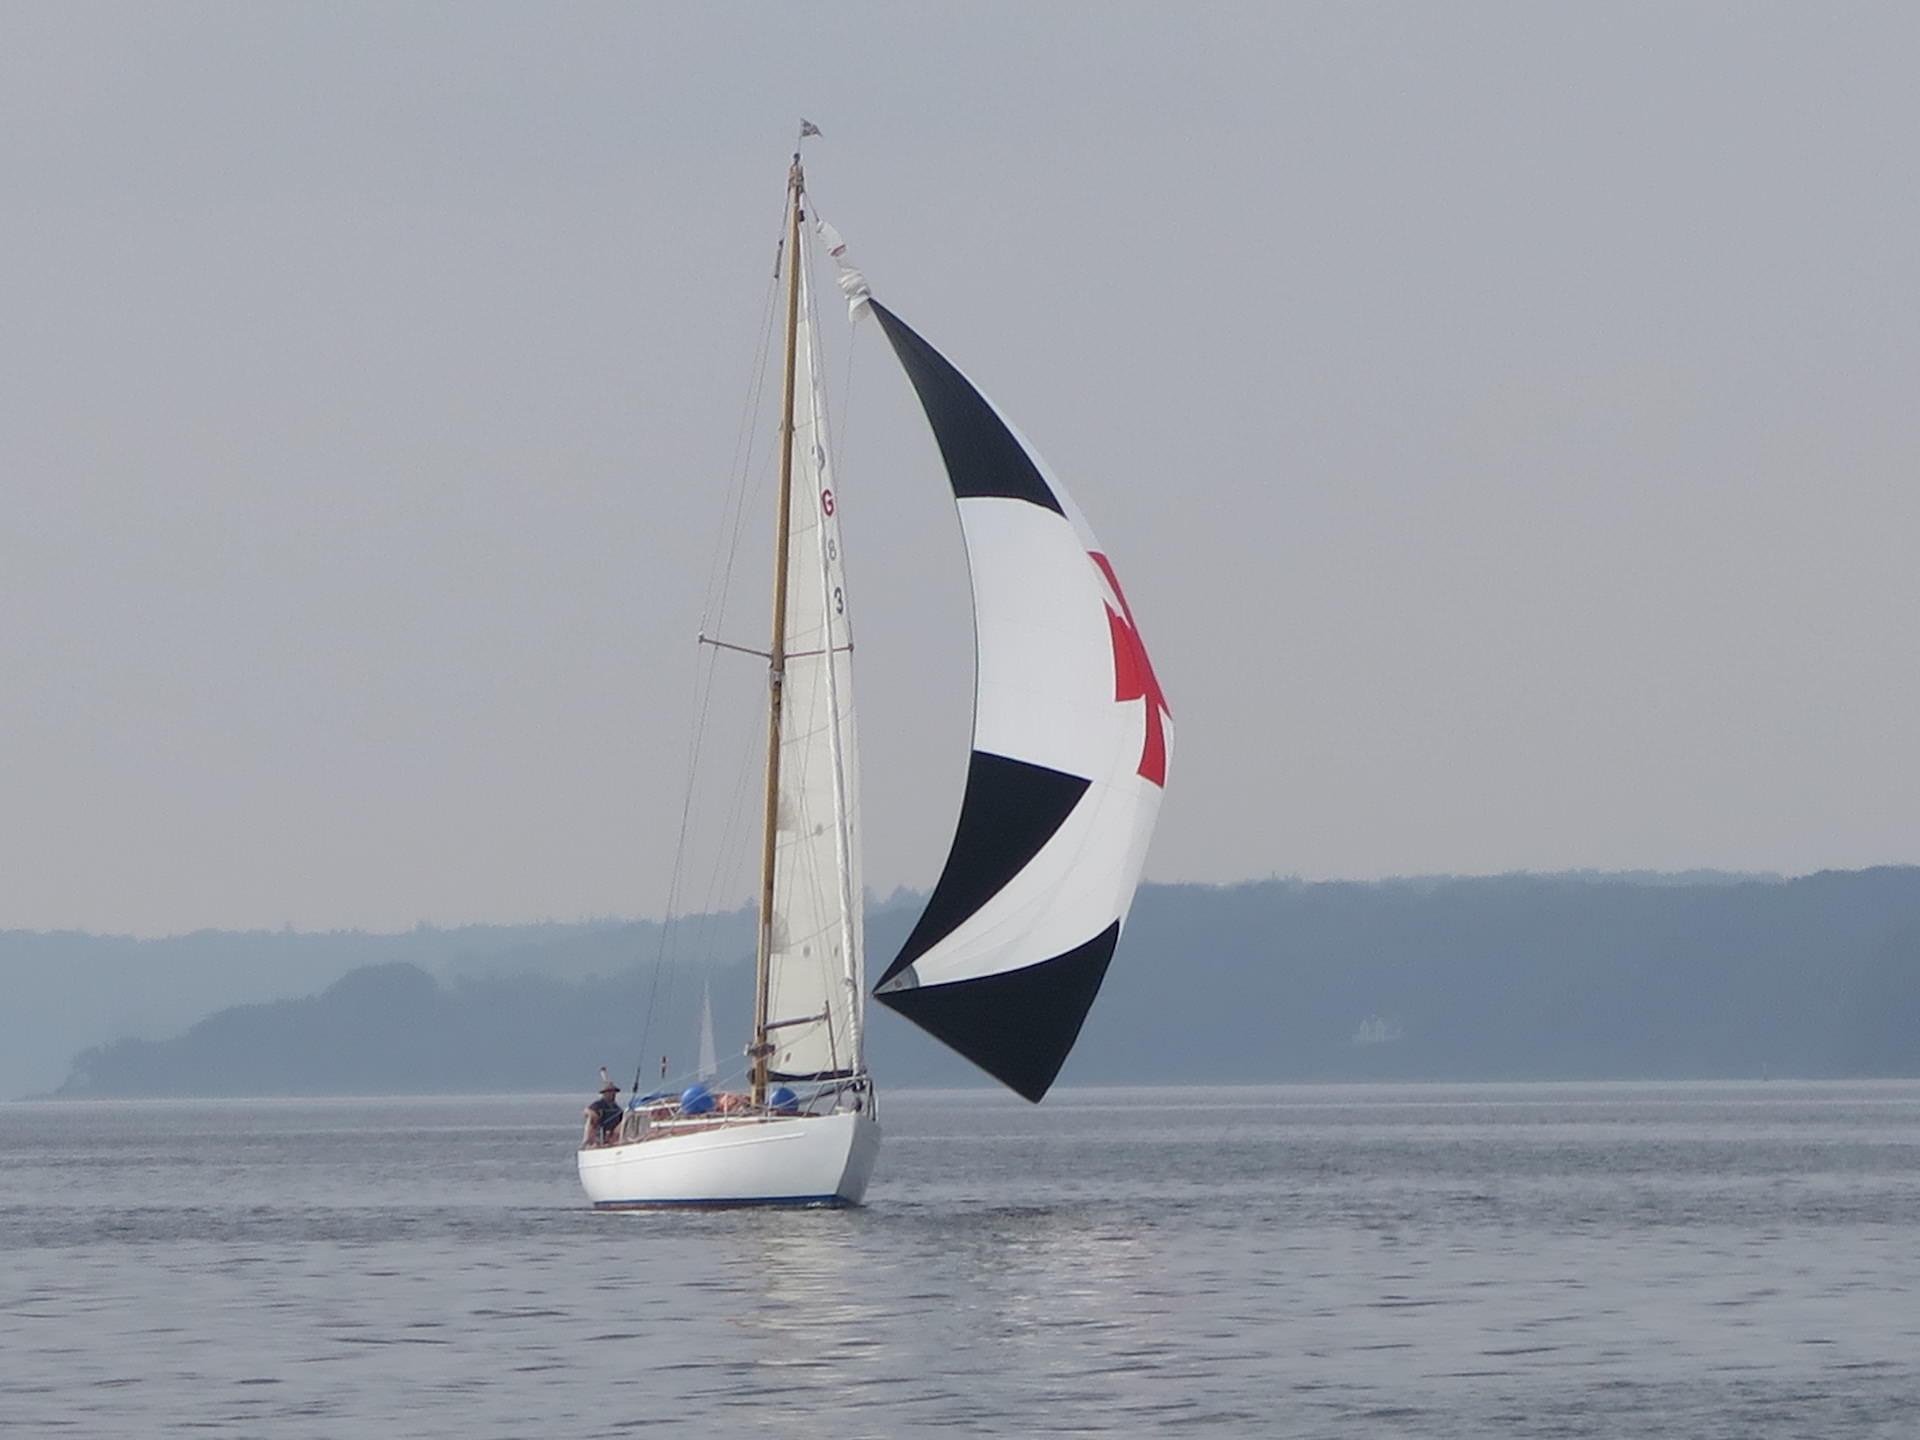 Coaching on the boat - eine spannende Reise für ganz neue Blickwinkel